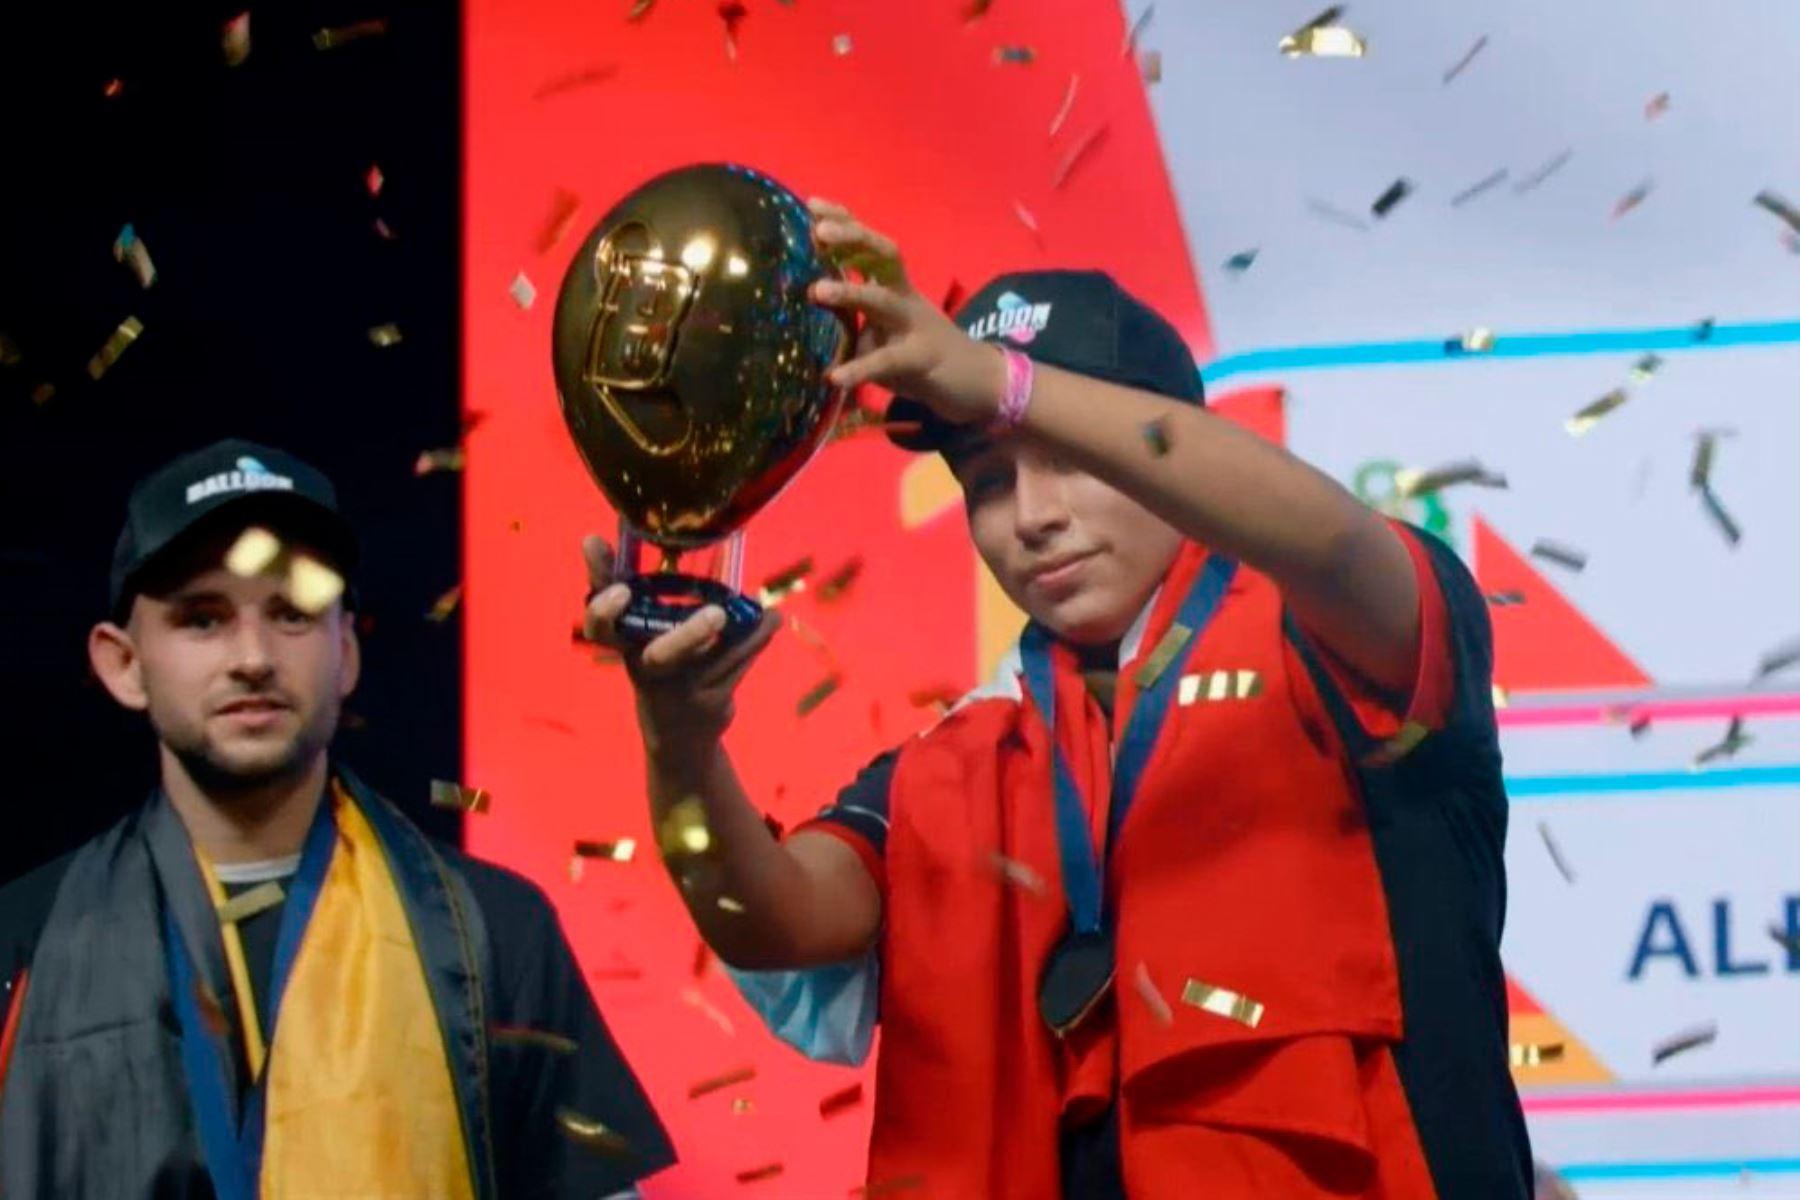 Perú es el primer campeón mundial de globo tras vencer a Alemania